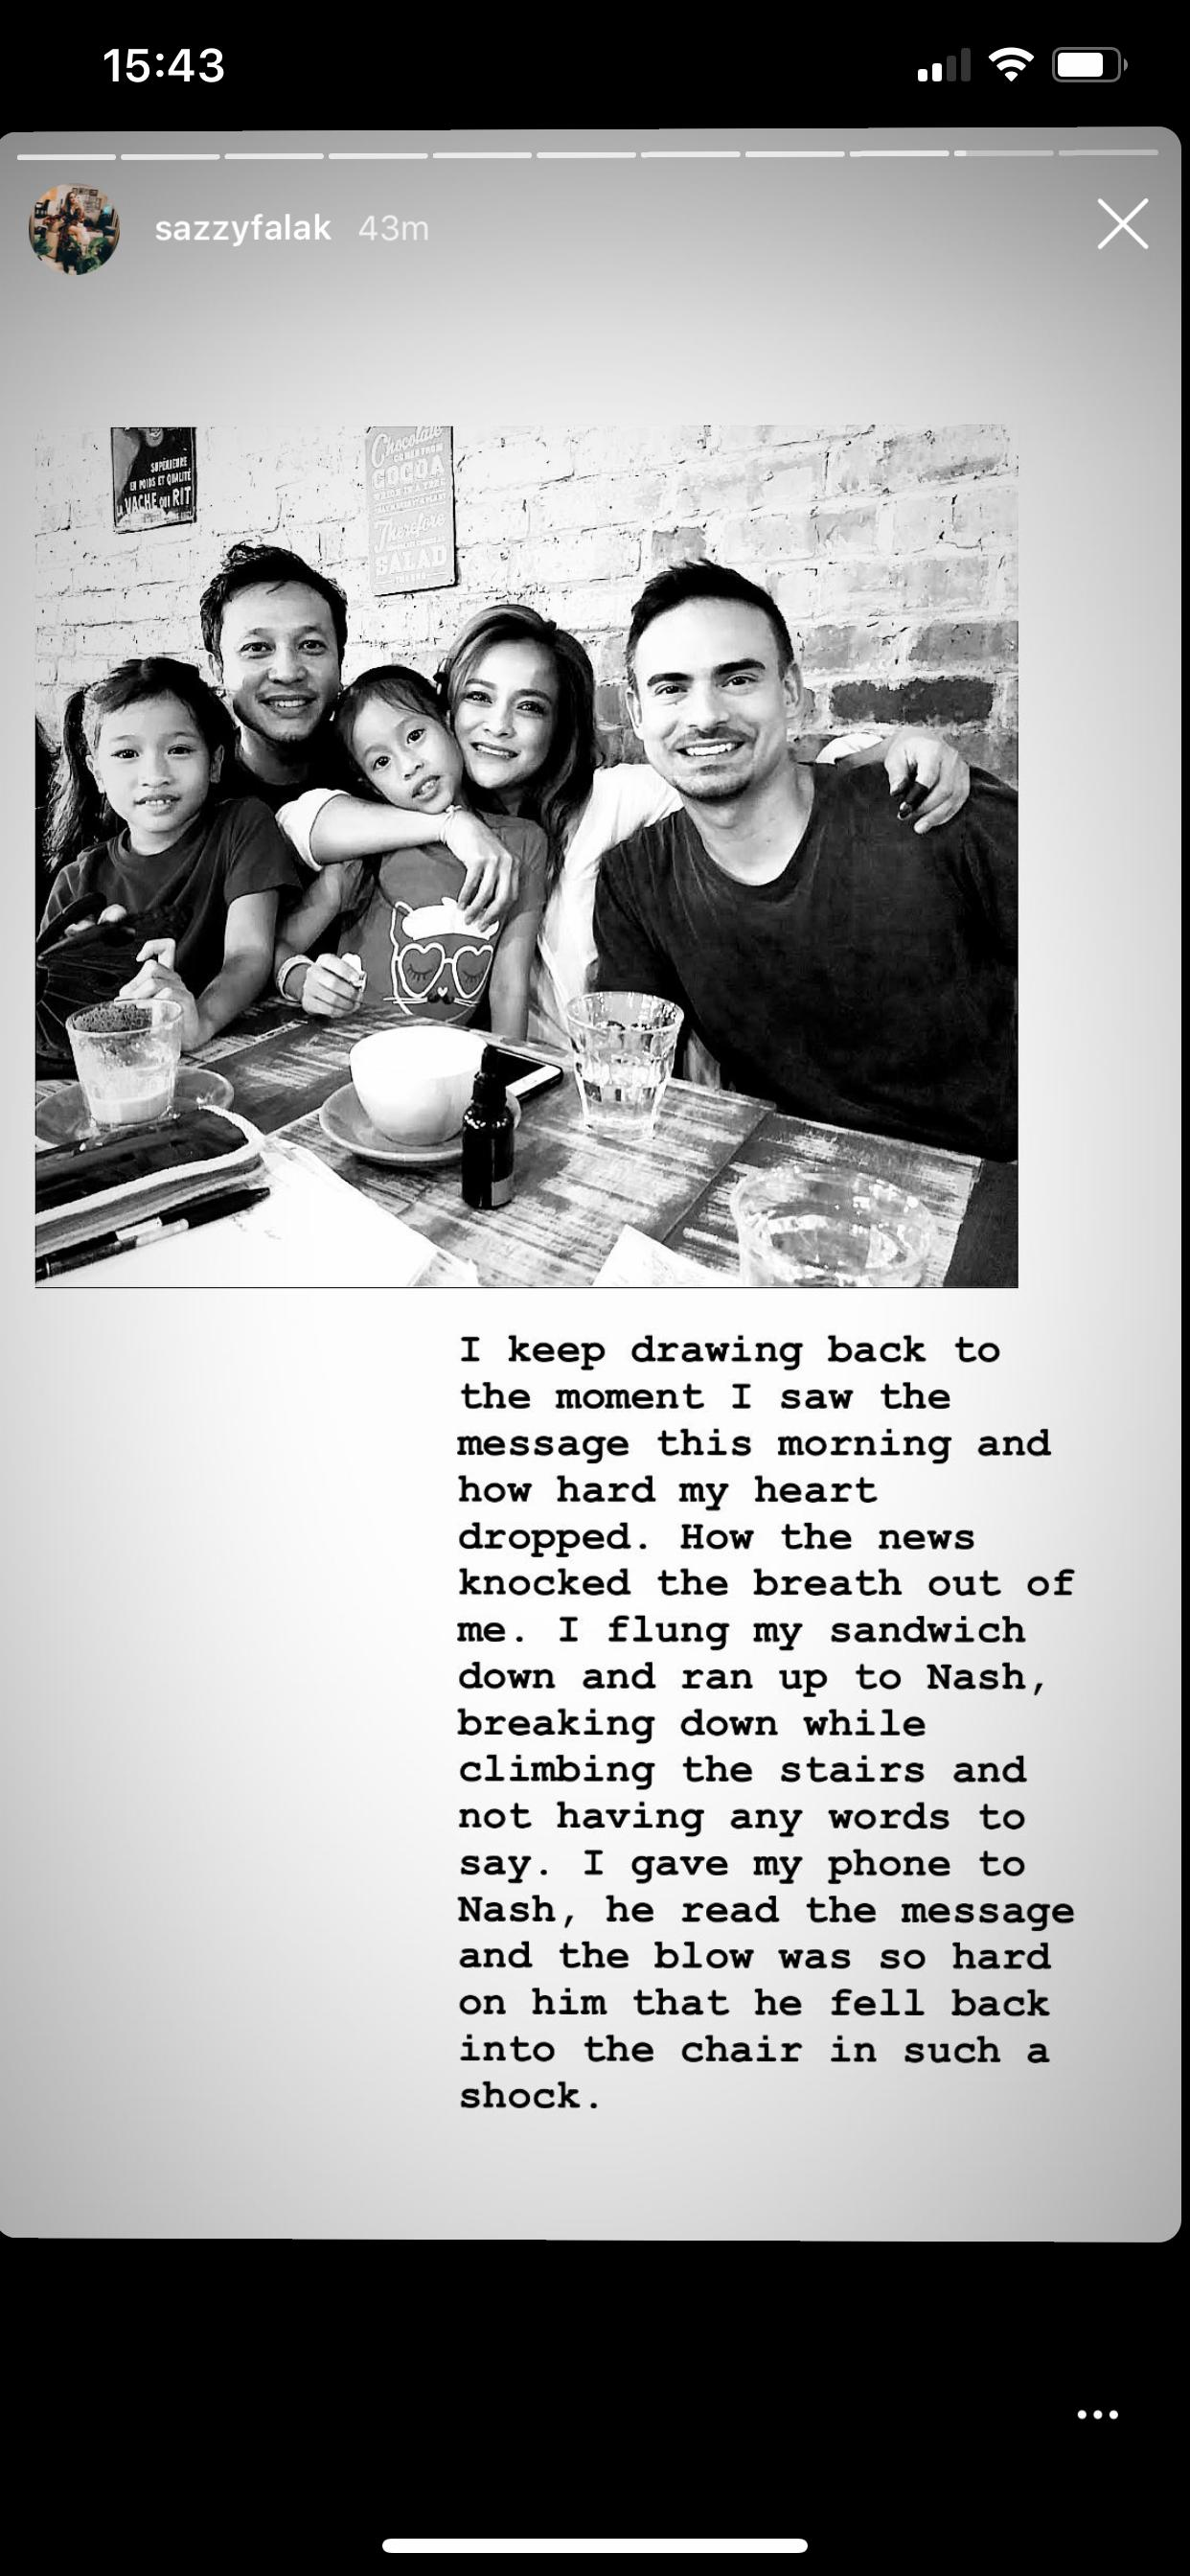 Image from Instagram @sazzyfalak